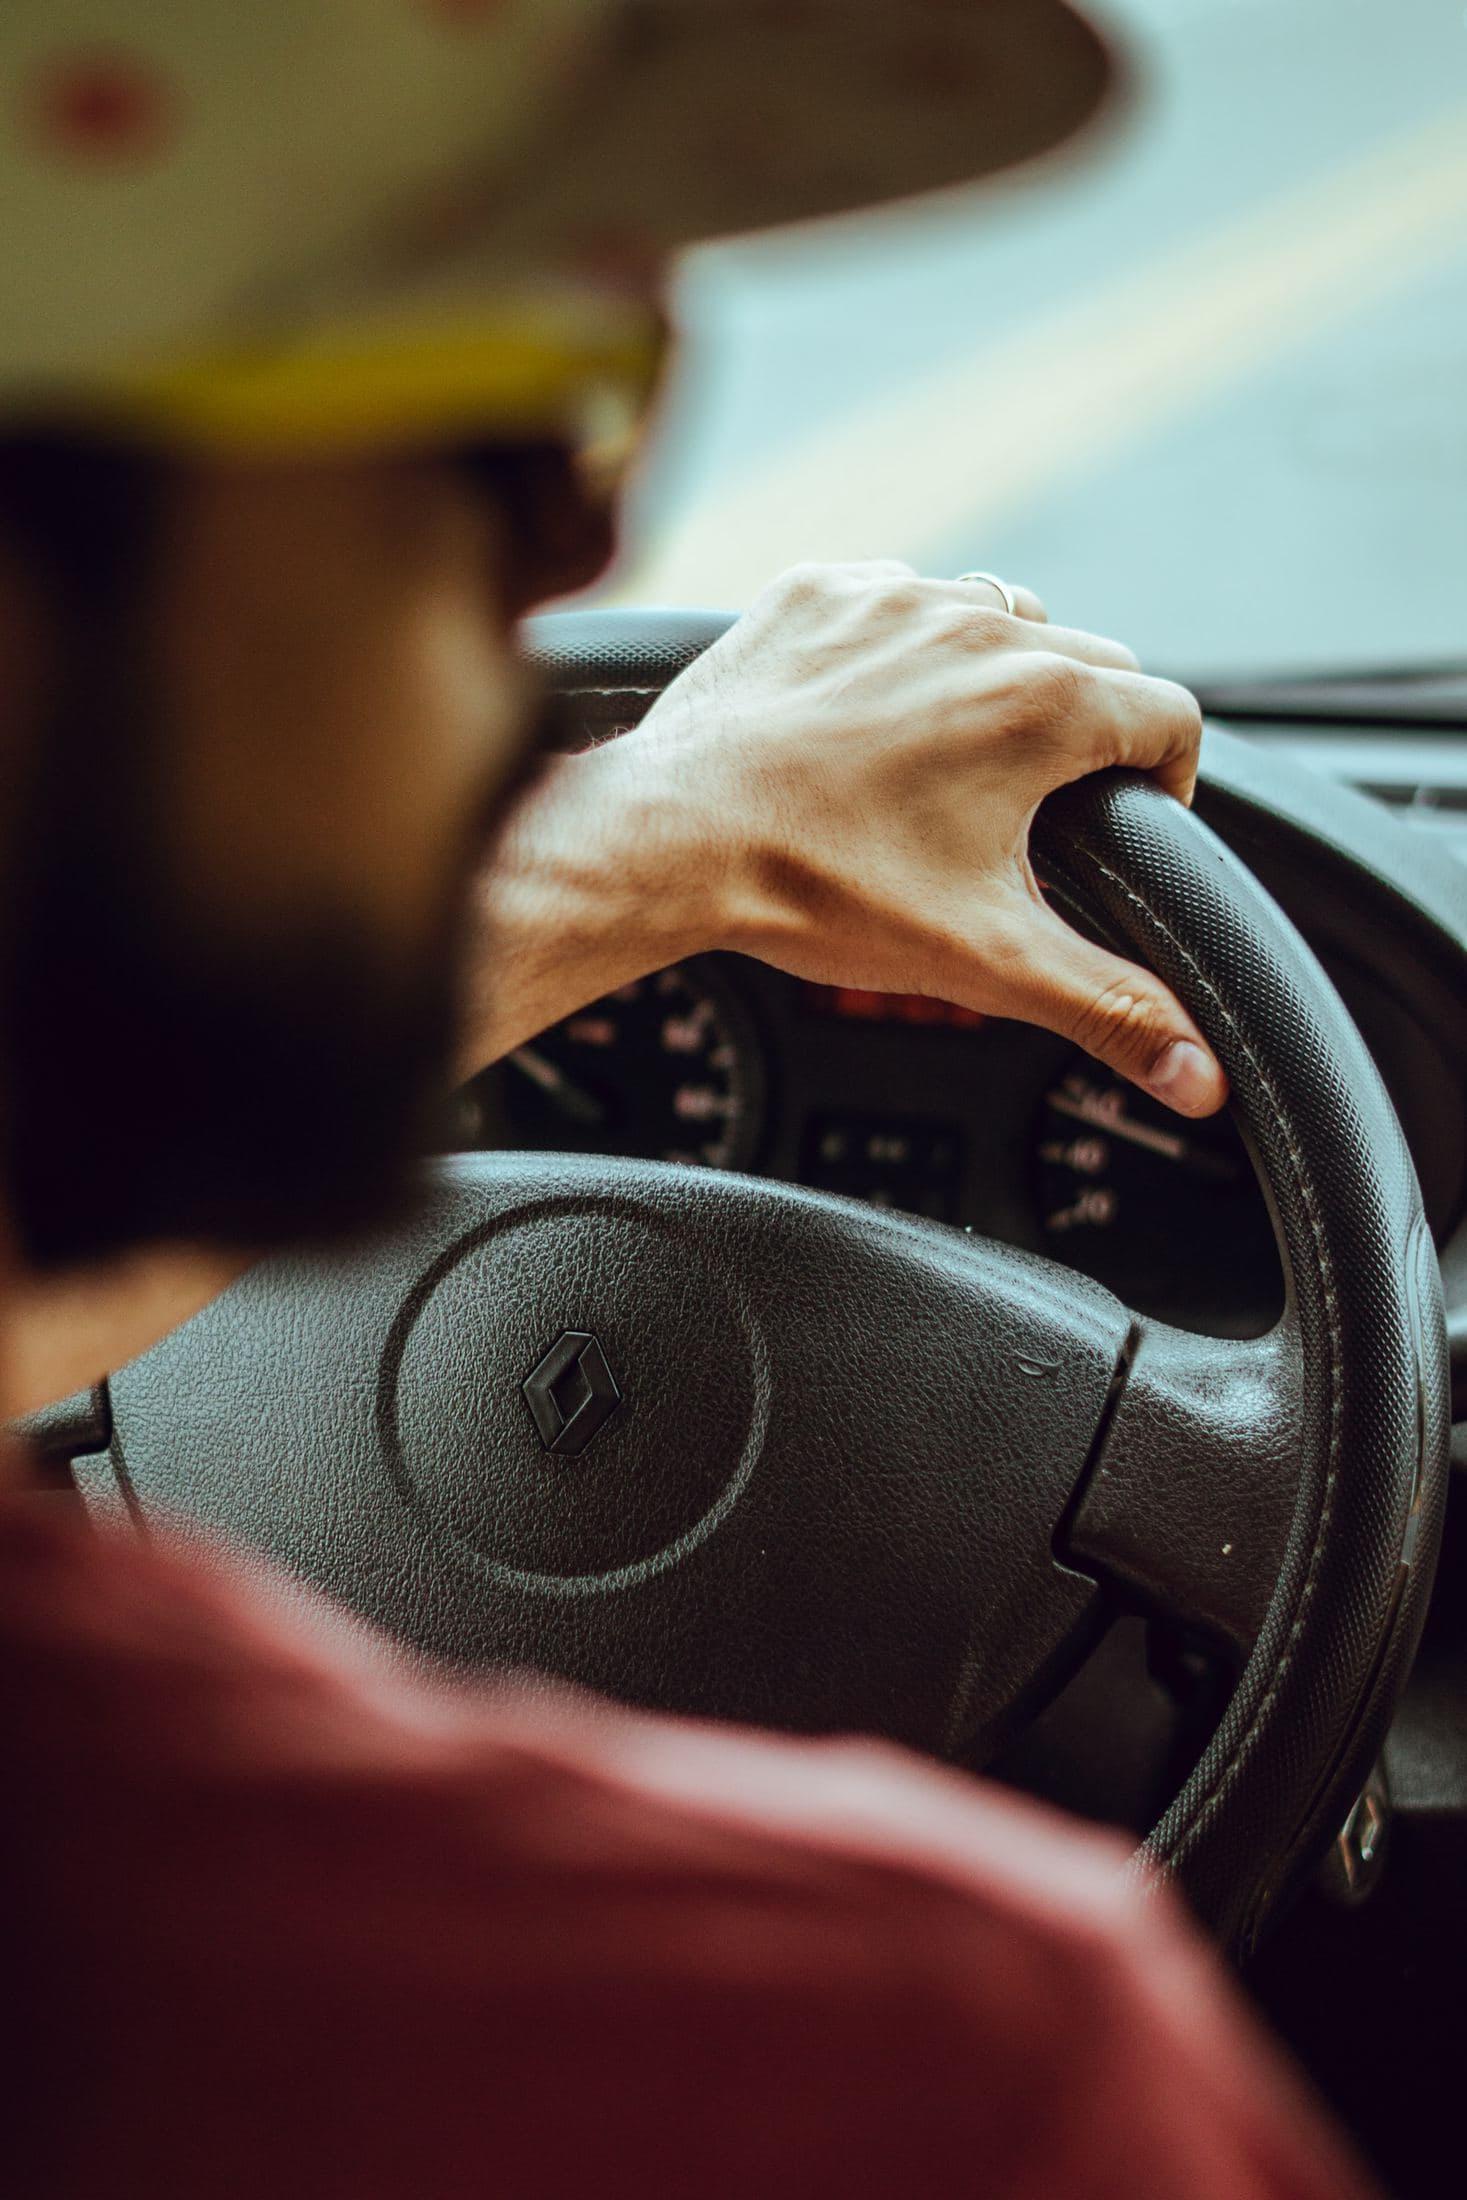 man driving Renault vehicle